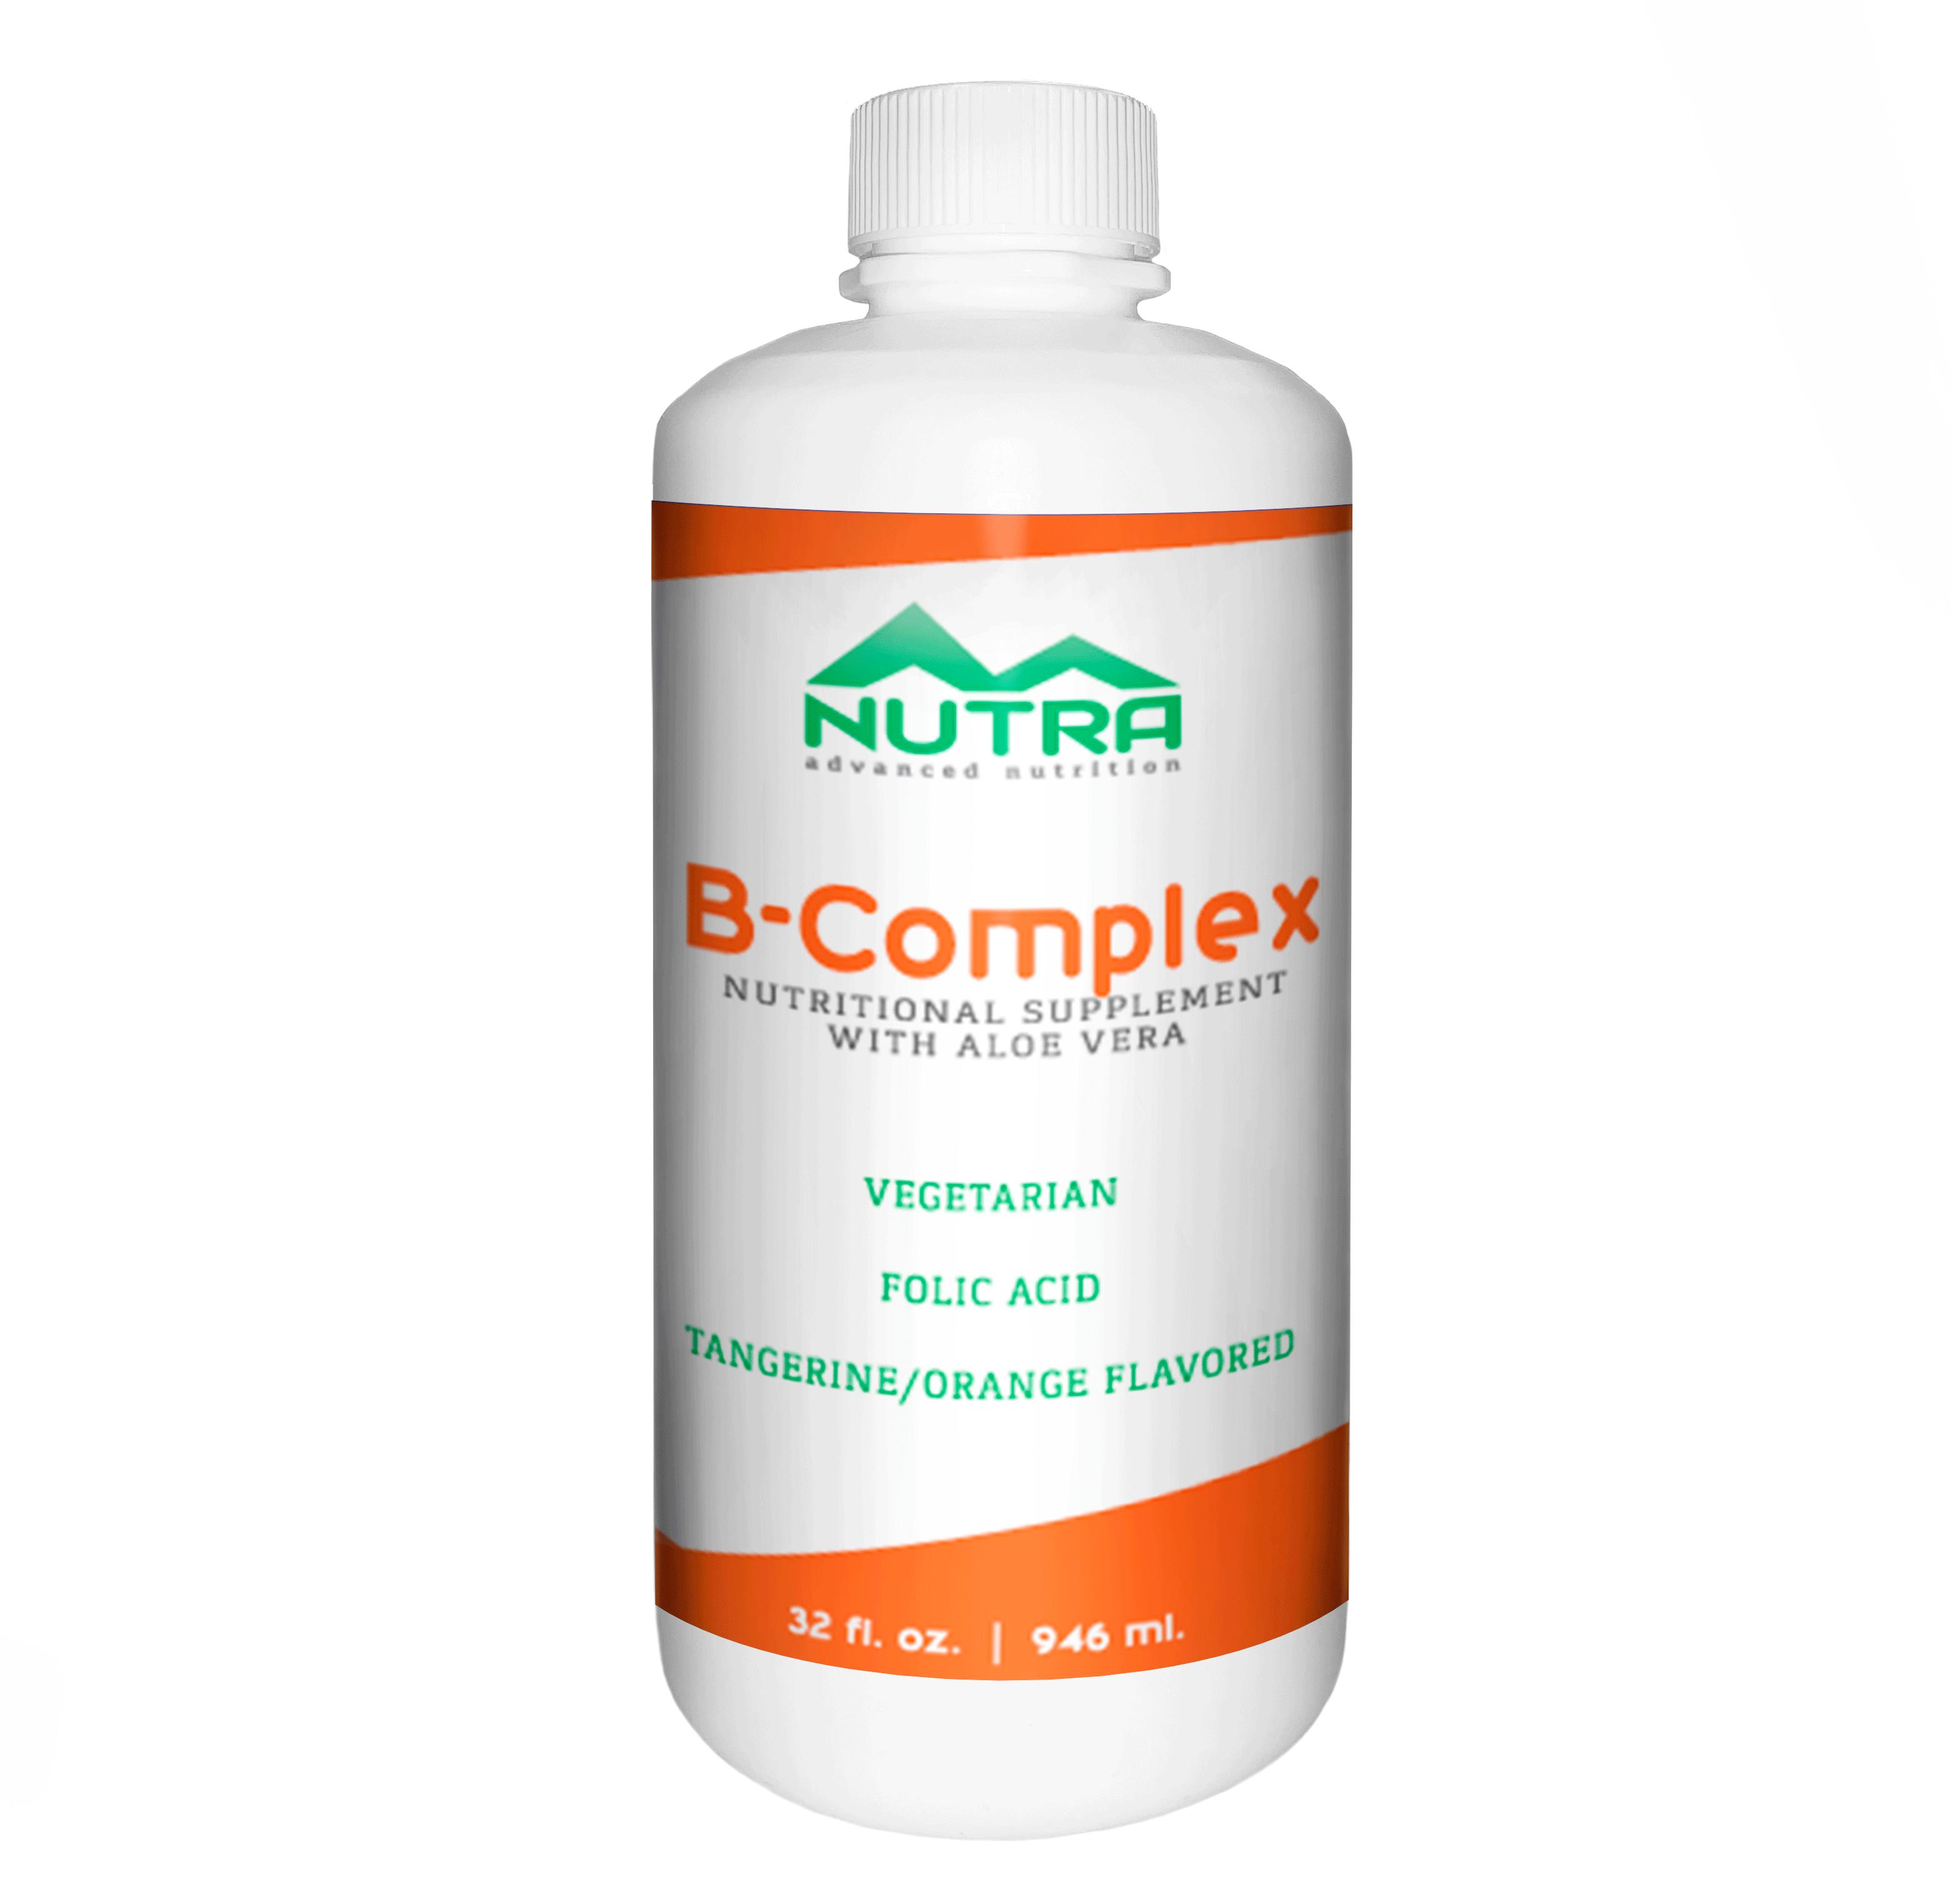 Liquid vitamin B manufacturer